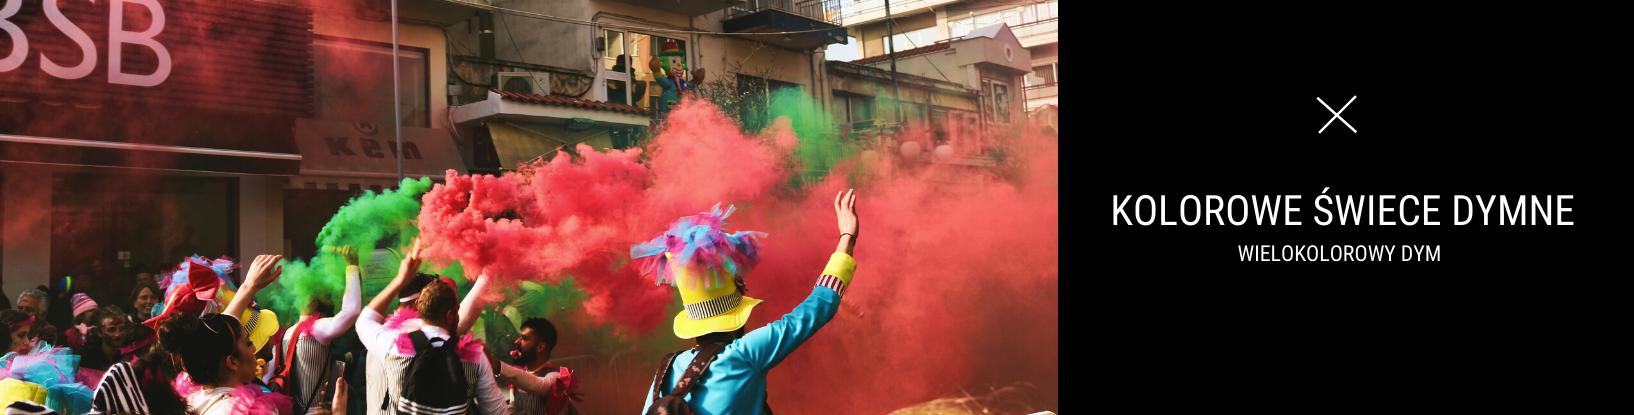 Kolorowe Świece Dymne - Pokoloruj powietrze wokół